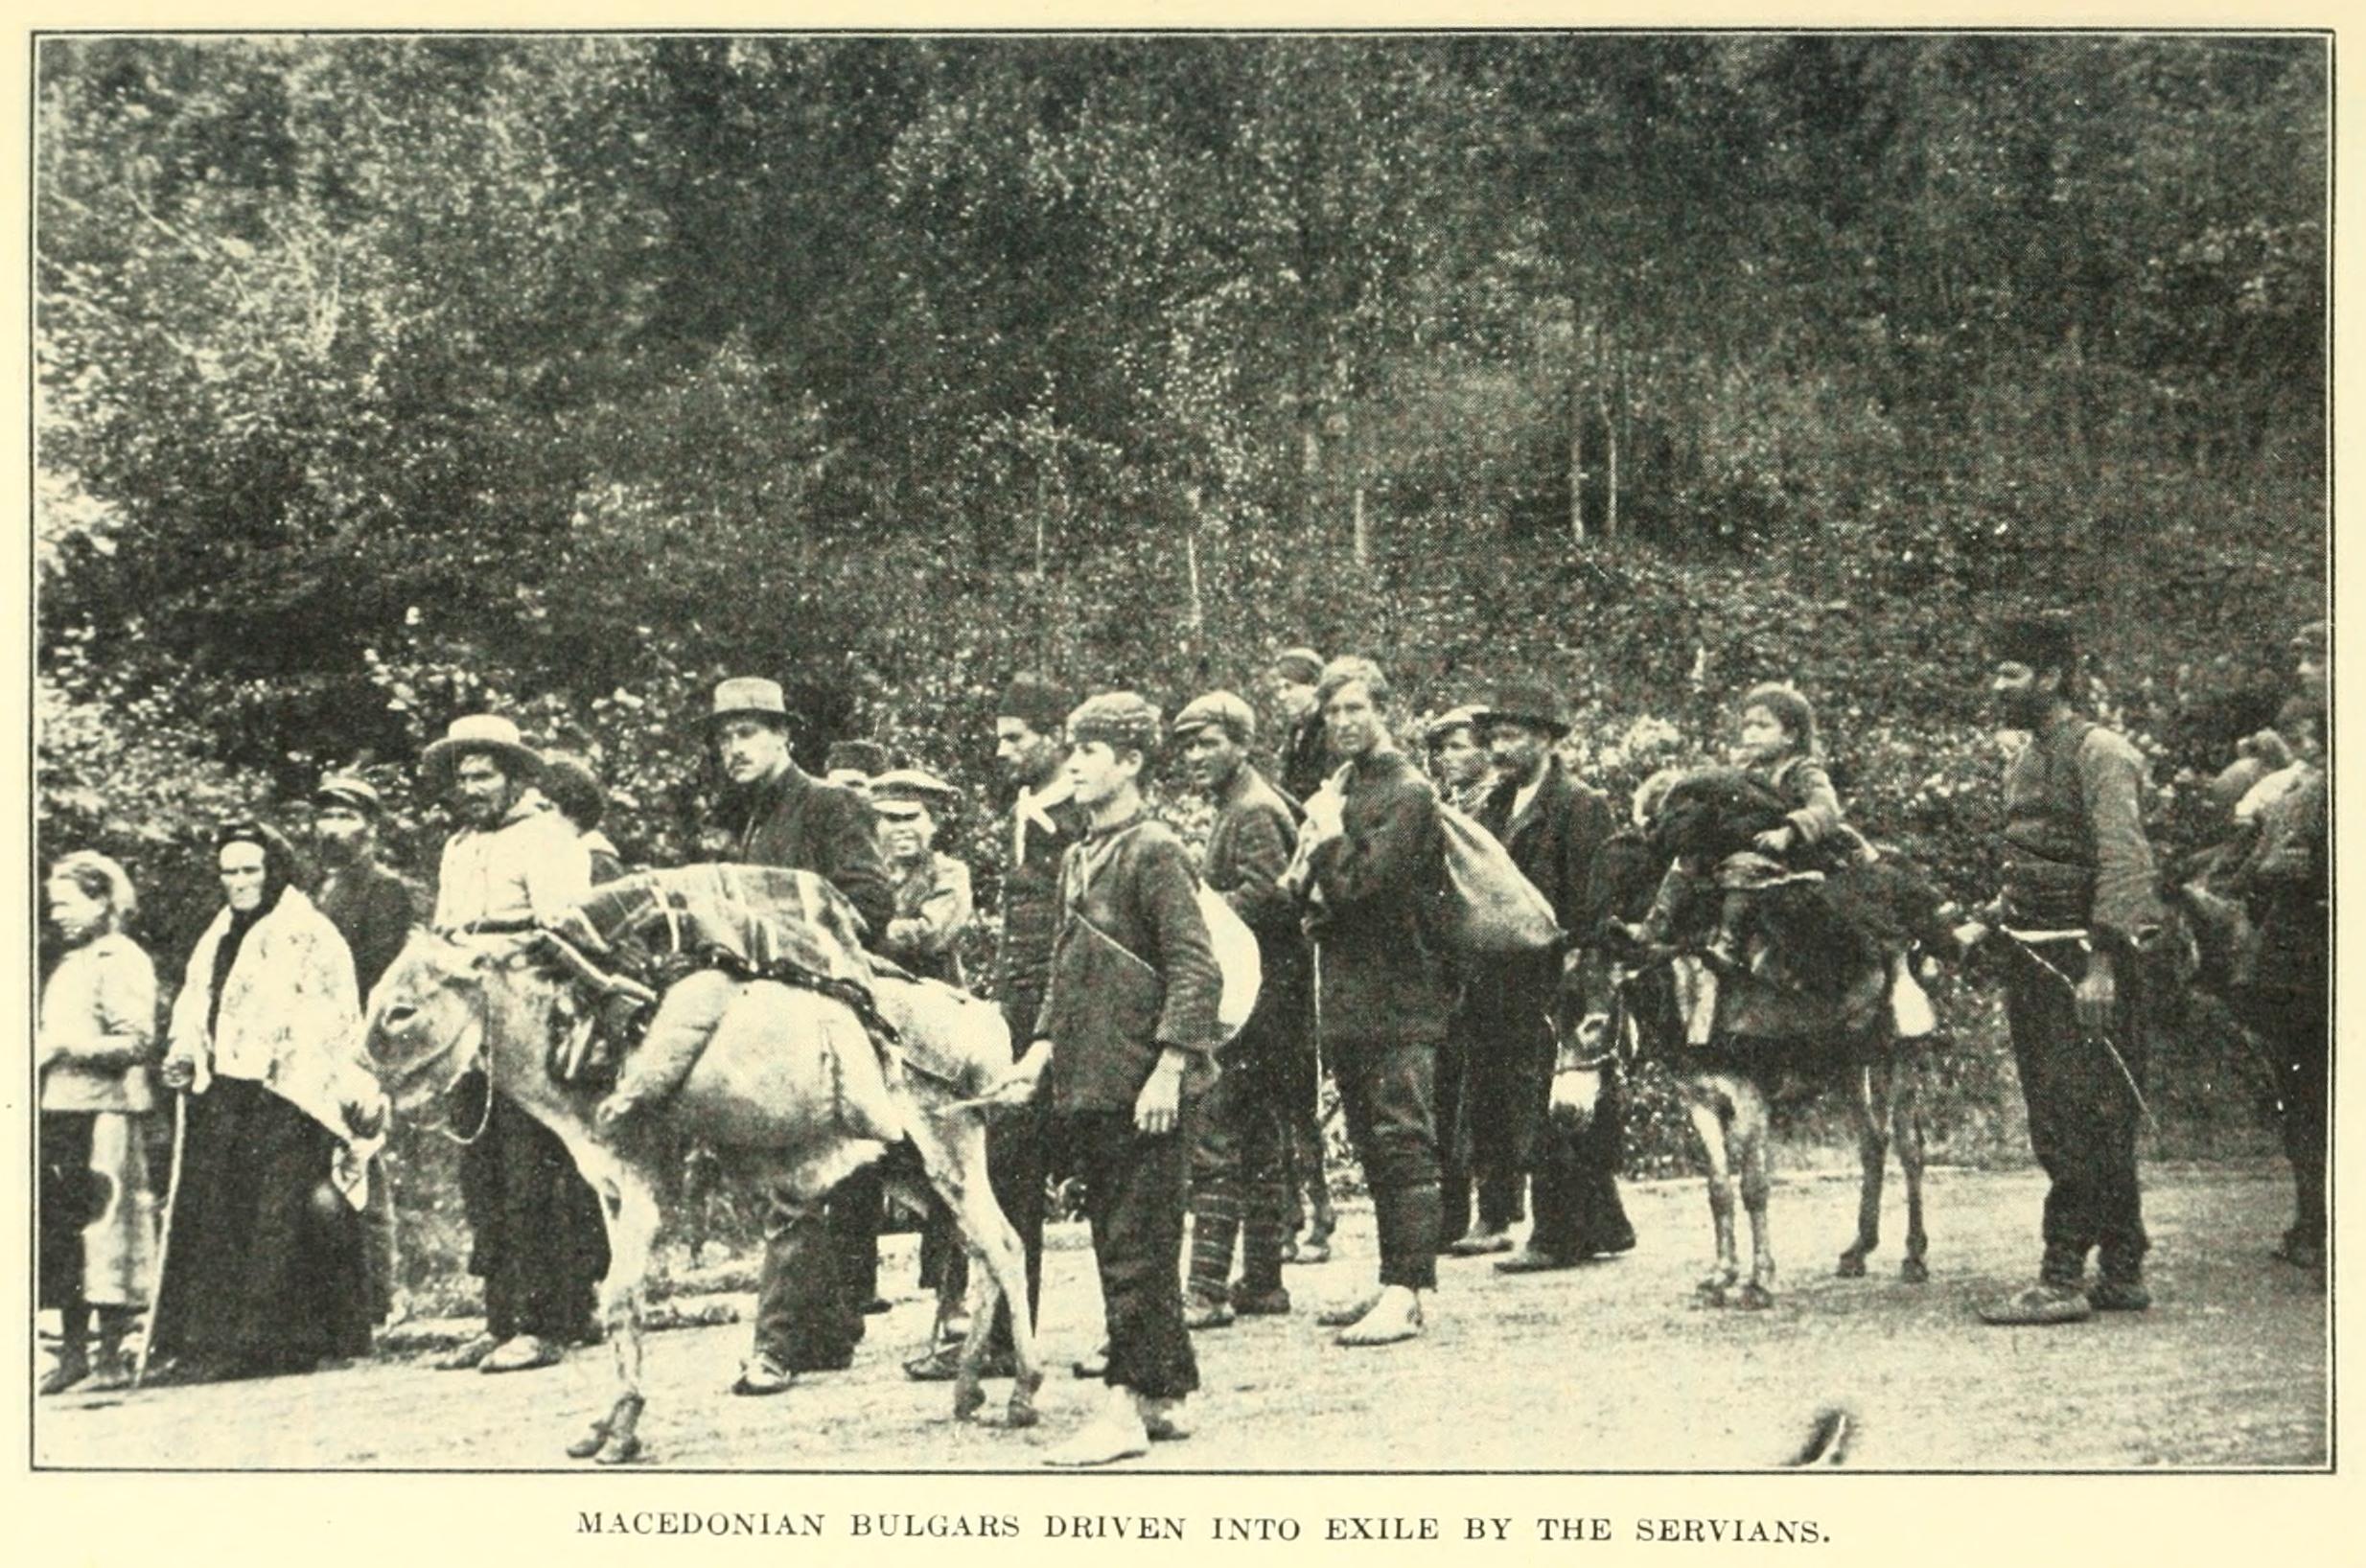 Bulgarische Flüchtlingе aus Makedonien (1914)